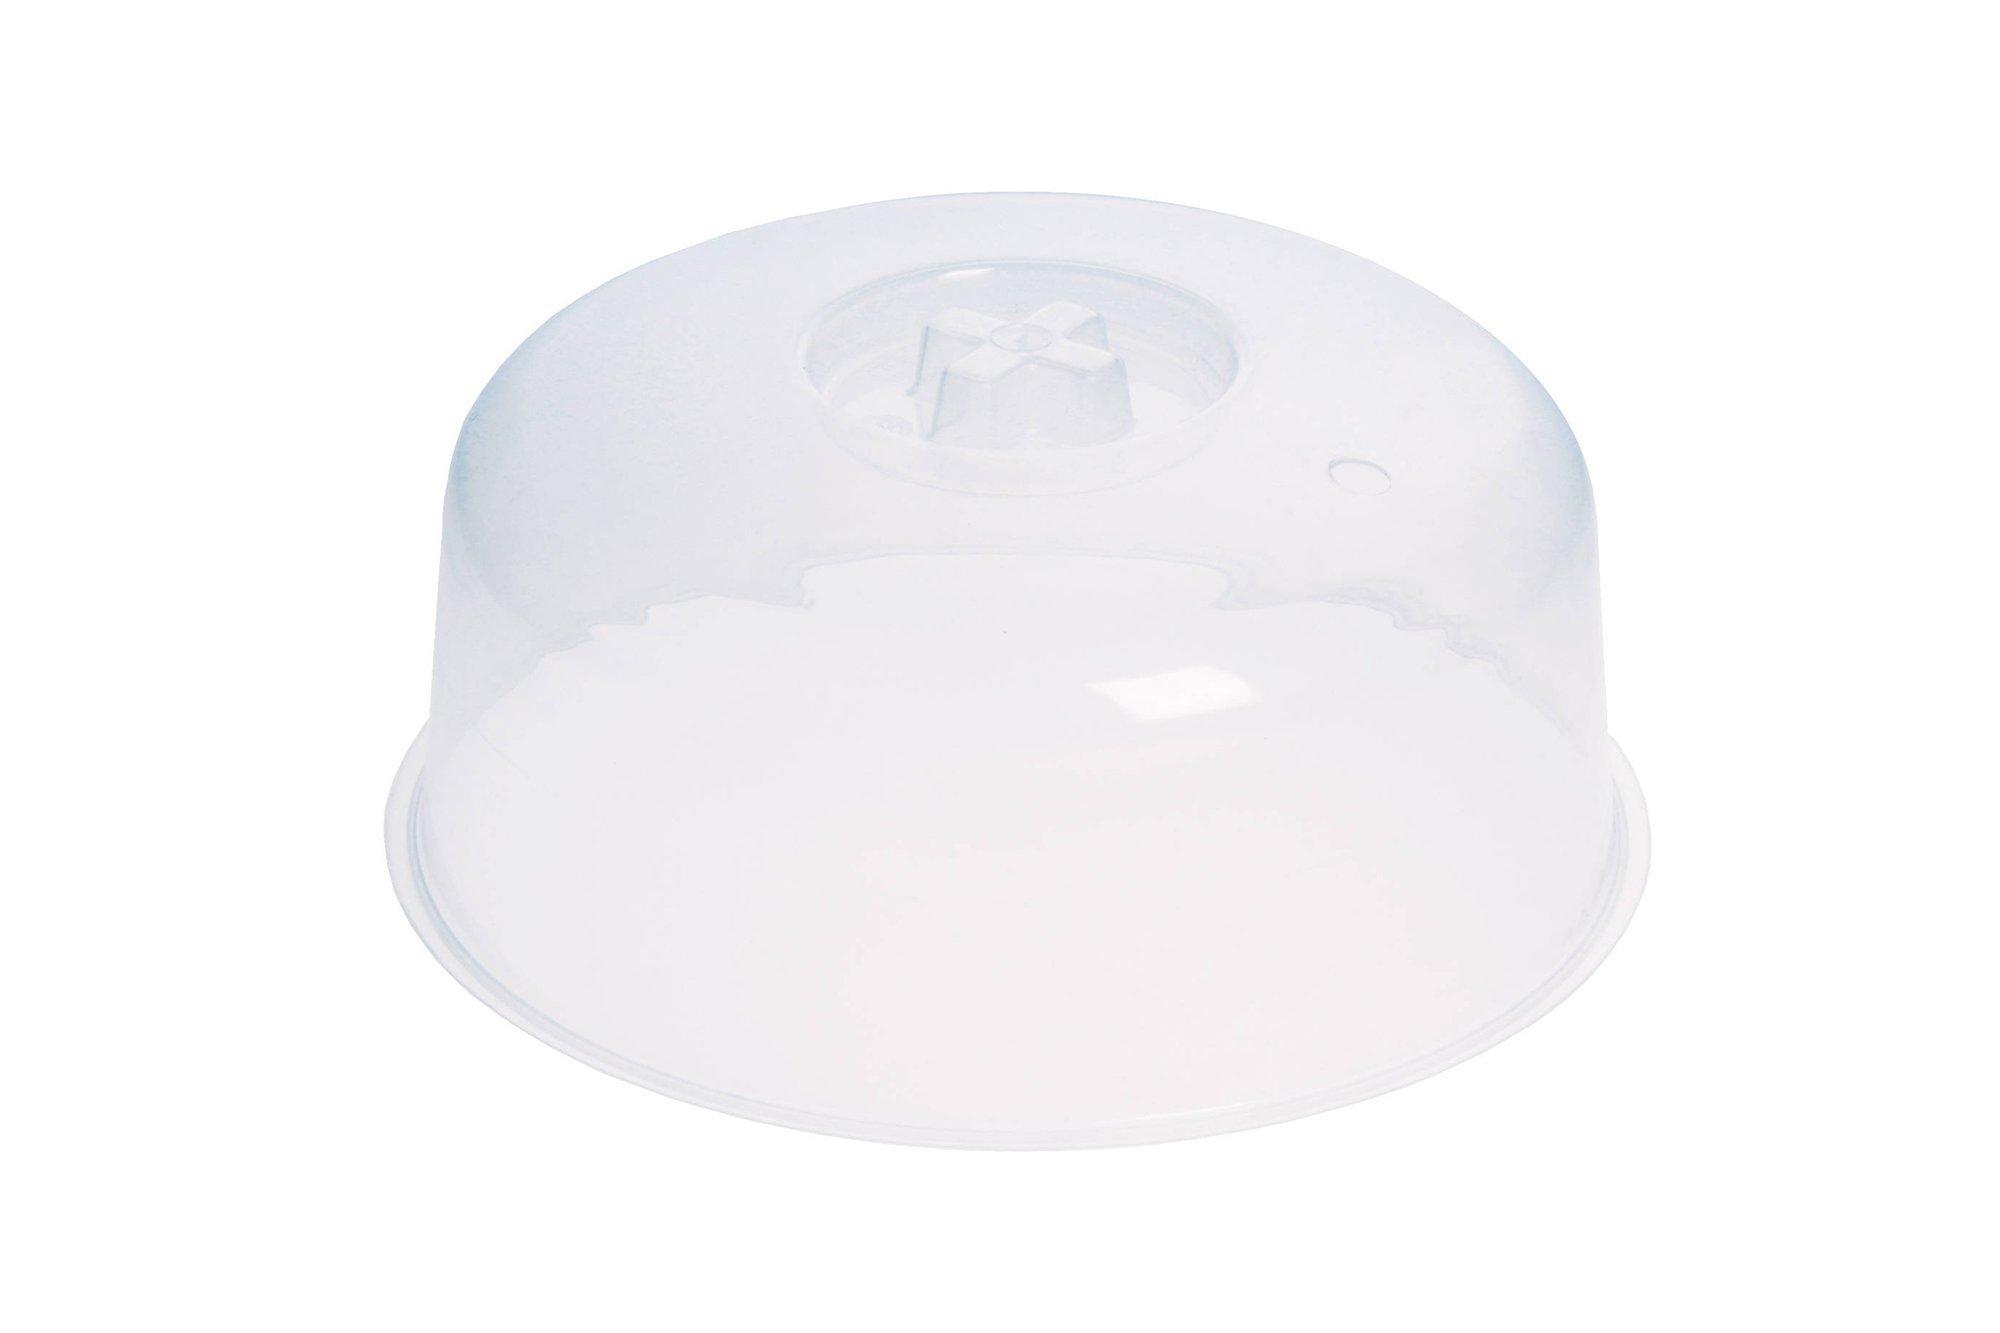 Microwave lid PLAST TEAM 45x245x110mm 31210800